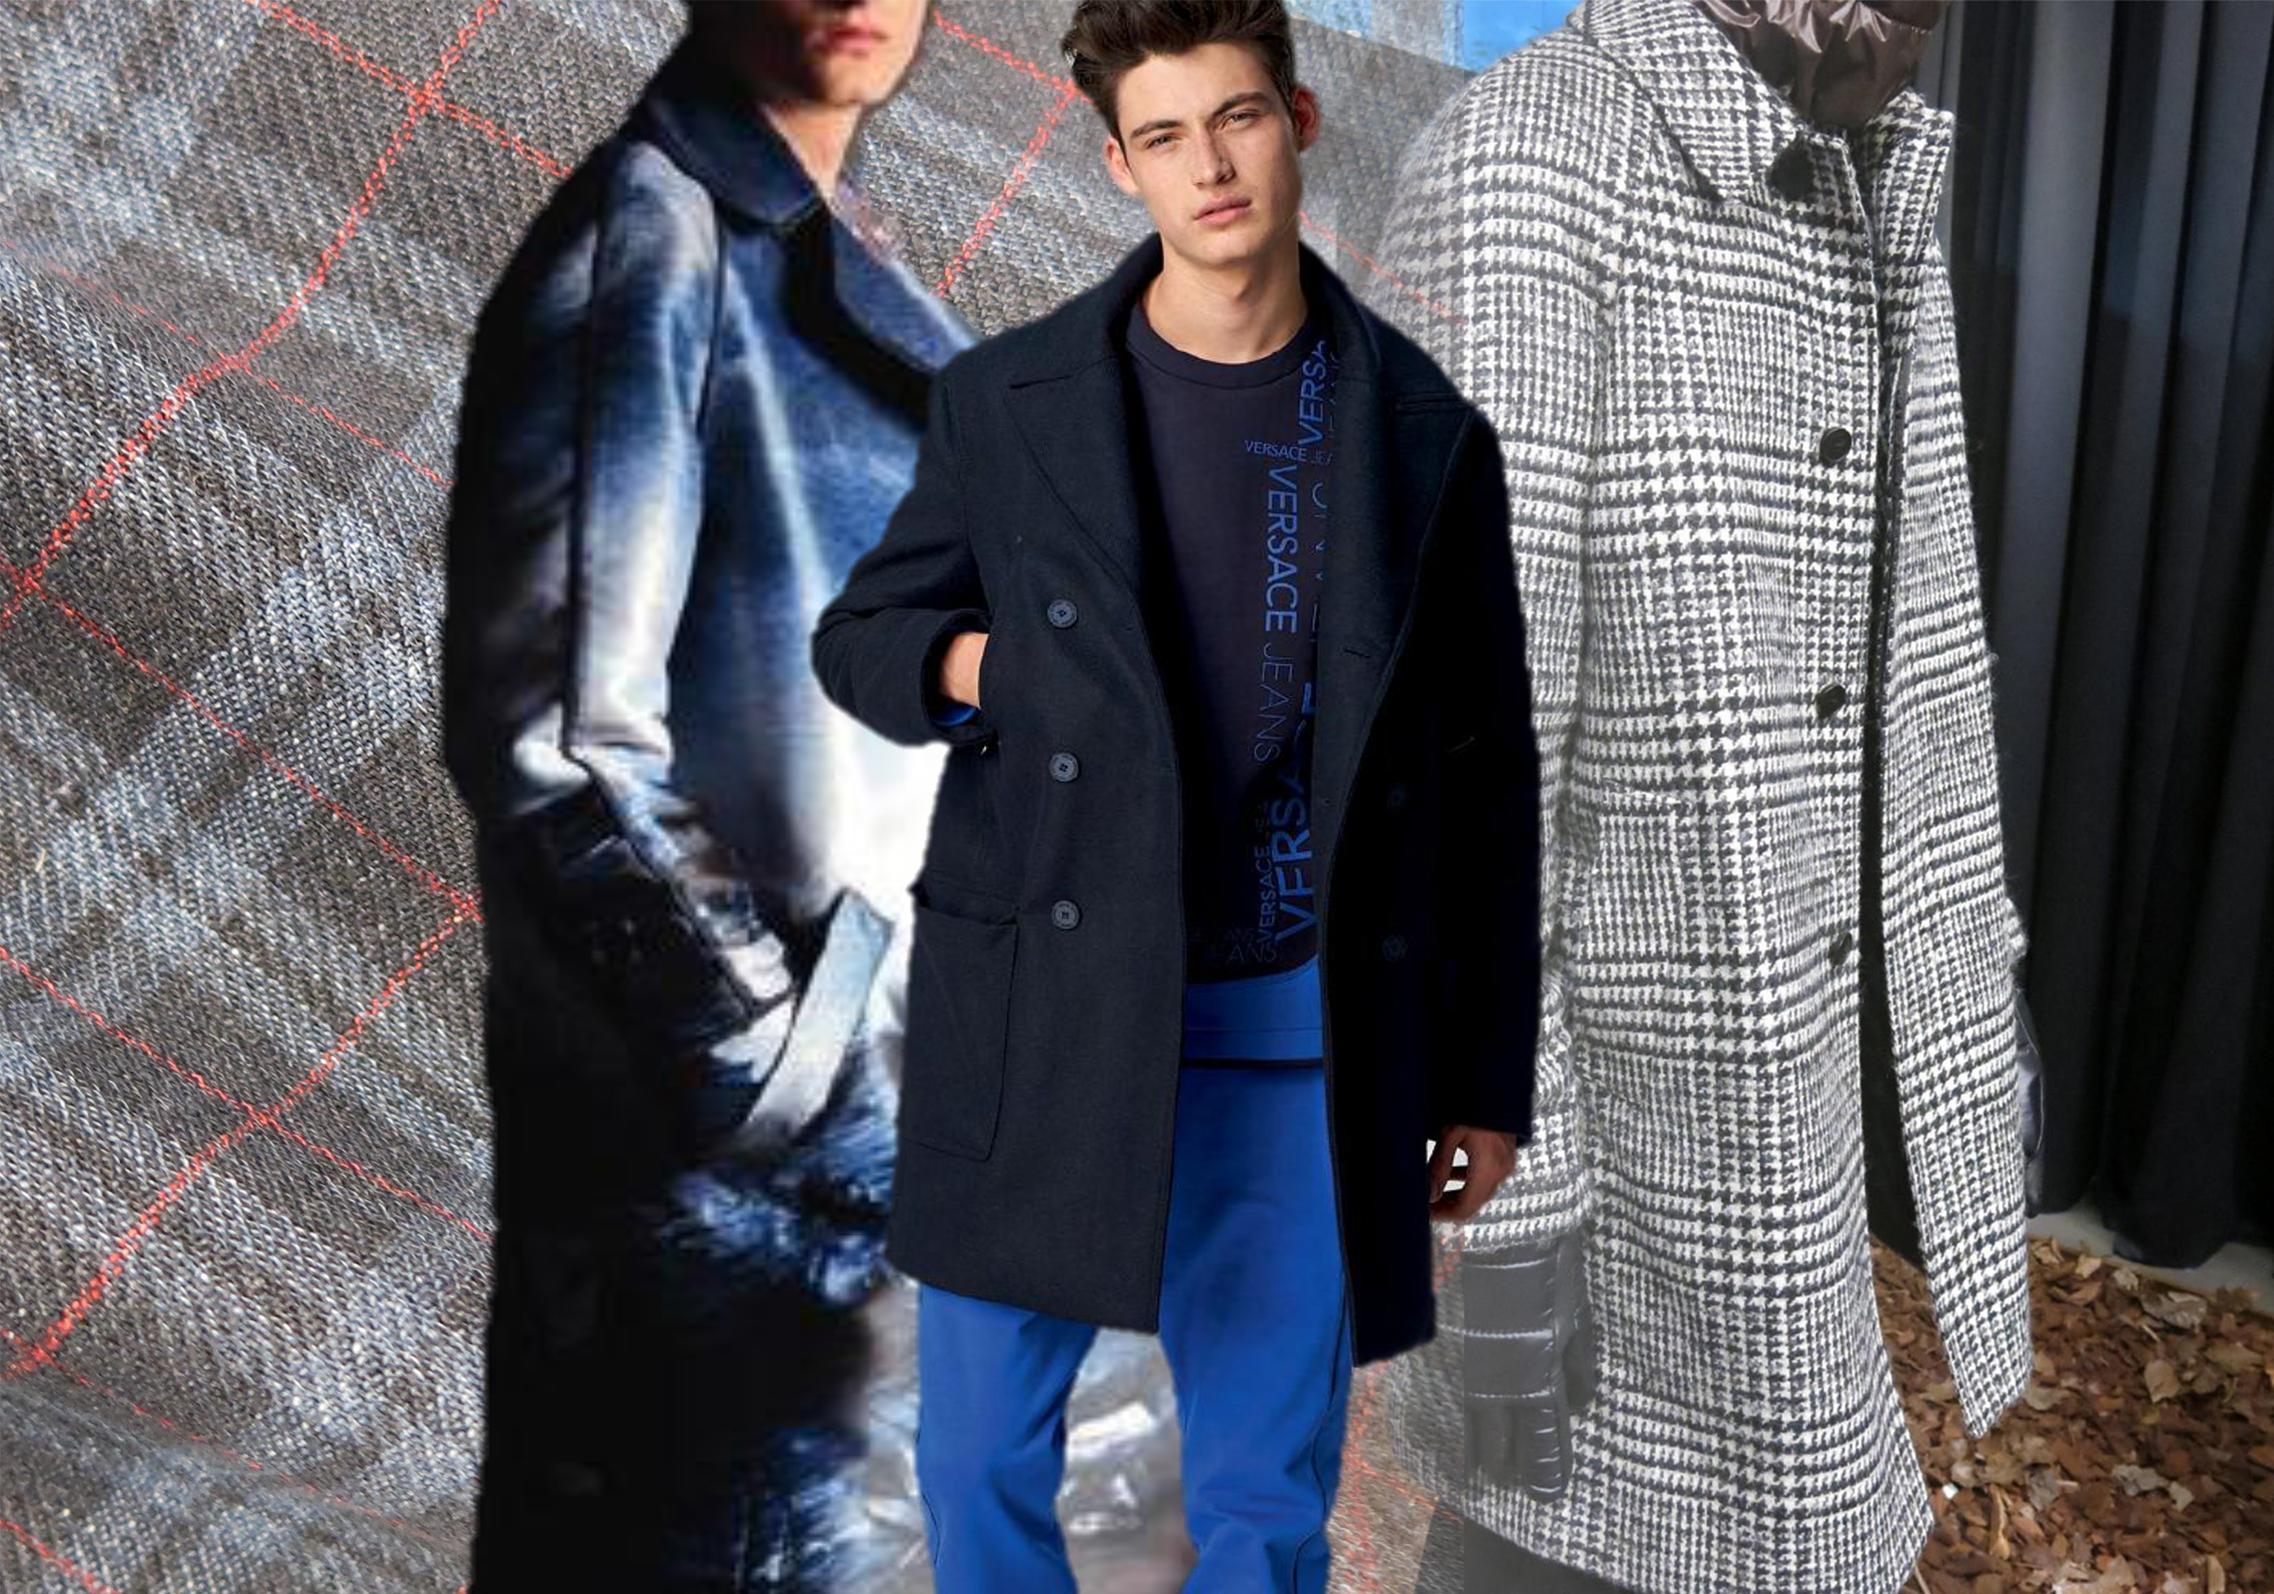 此次18/19秋冬男装订货会上的大衣面料色彩与POP网站上秀场提炼得出的数据占比基本一致。古墓黑与建筑灰依旧占比很高,另外,红色系中的伦巴红、蓝色、绿色、杏仁米也呈现出不错的占比。格纹呢、千鸟格这些经典面料依旧持续发热,字母毛呢以及拼接毛呢这一街潮风格的面料在此次订货会上呈现上升趋势。